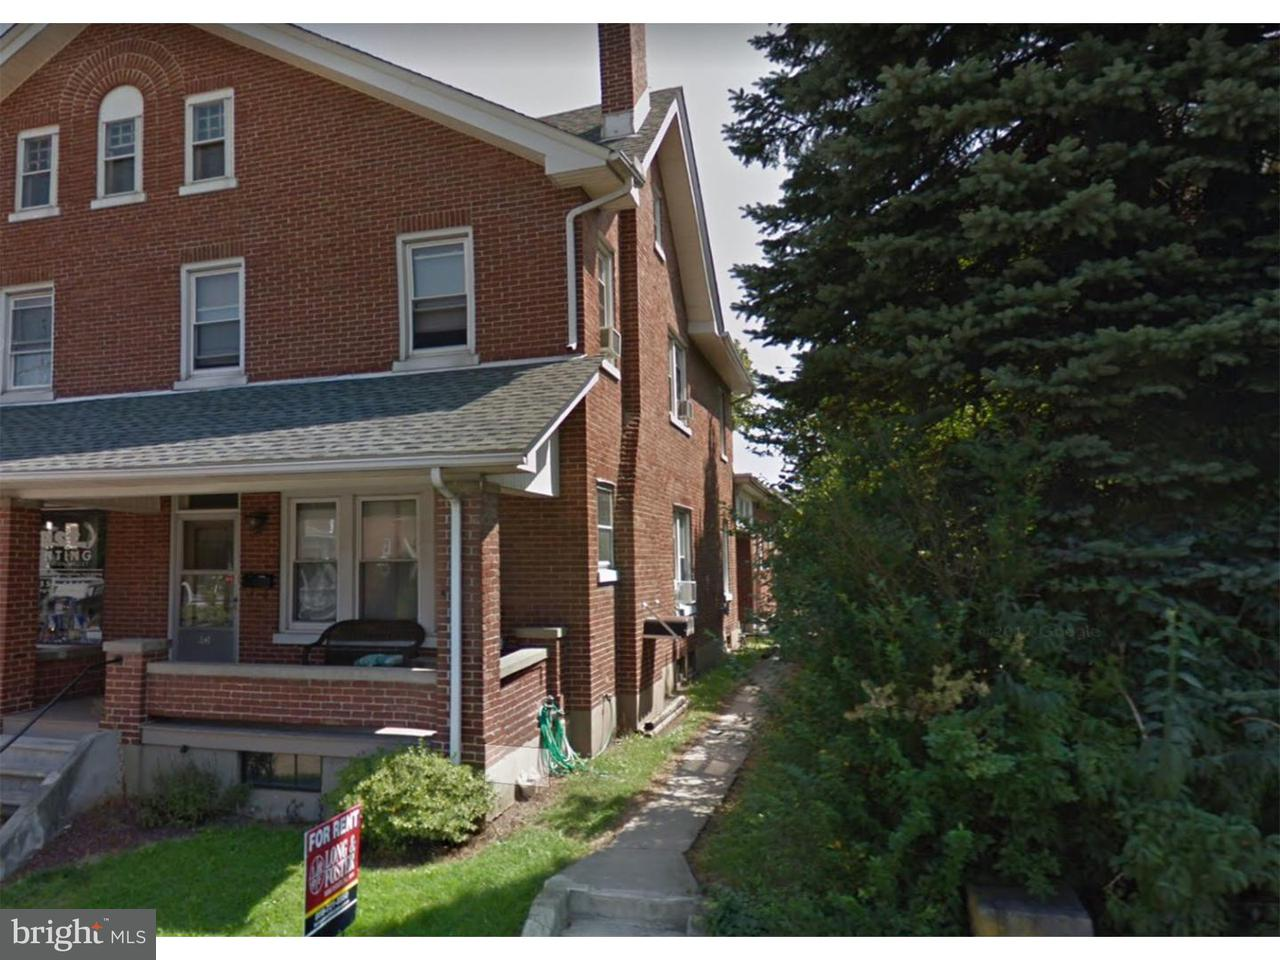 Casa Unifamiliar por un Alquiler en 111 S MAIN ST #3 Coopersburg, Pennsylvania 18036 Estados Unidos